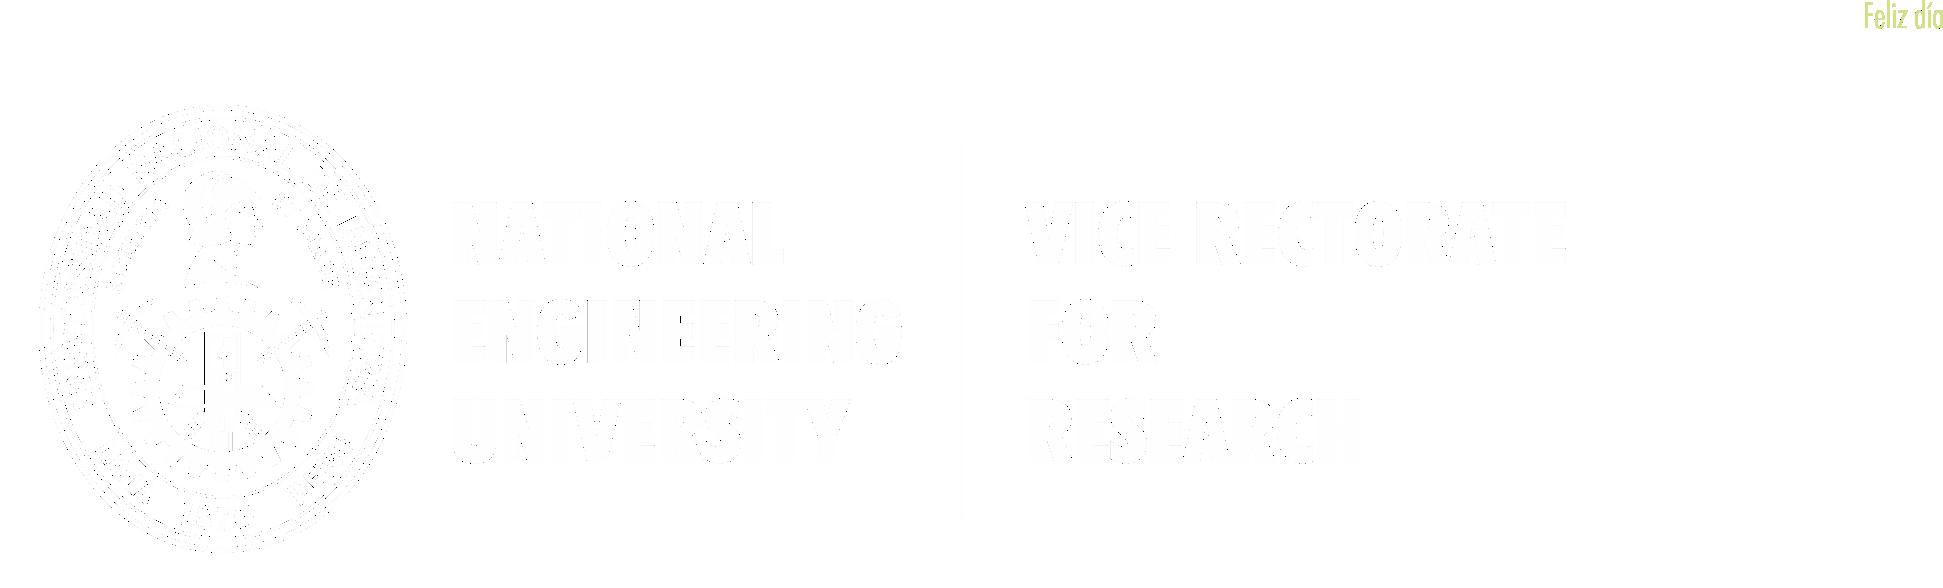 Vicerrectorado de Investigación